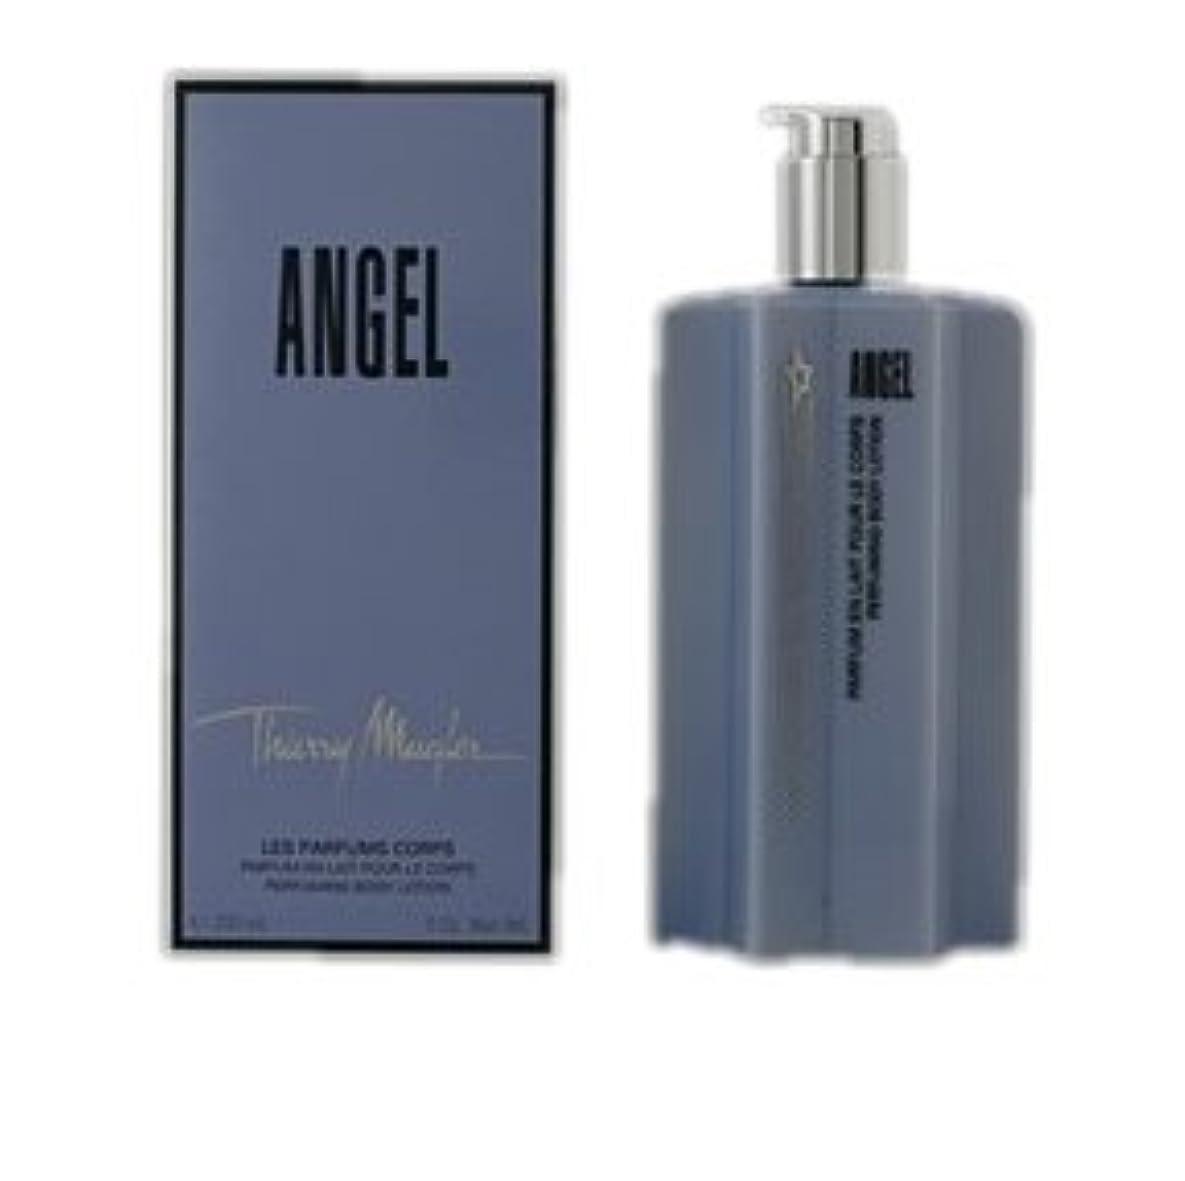 鎮静剤敬しがみつくThierry Mugler Angel Perfuming Body Lotion 200ml [並行輸入品]